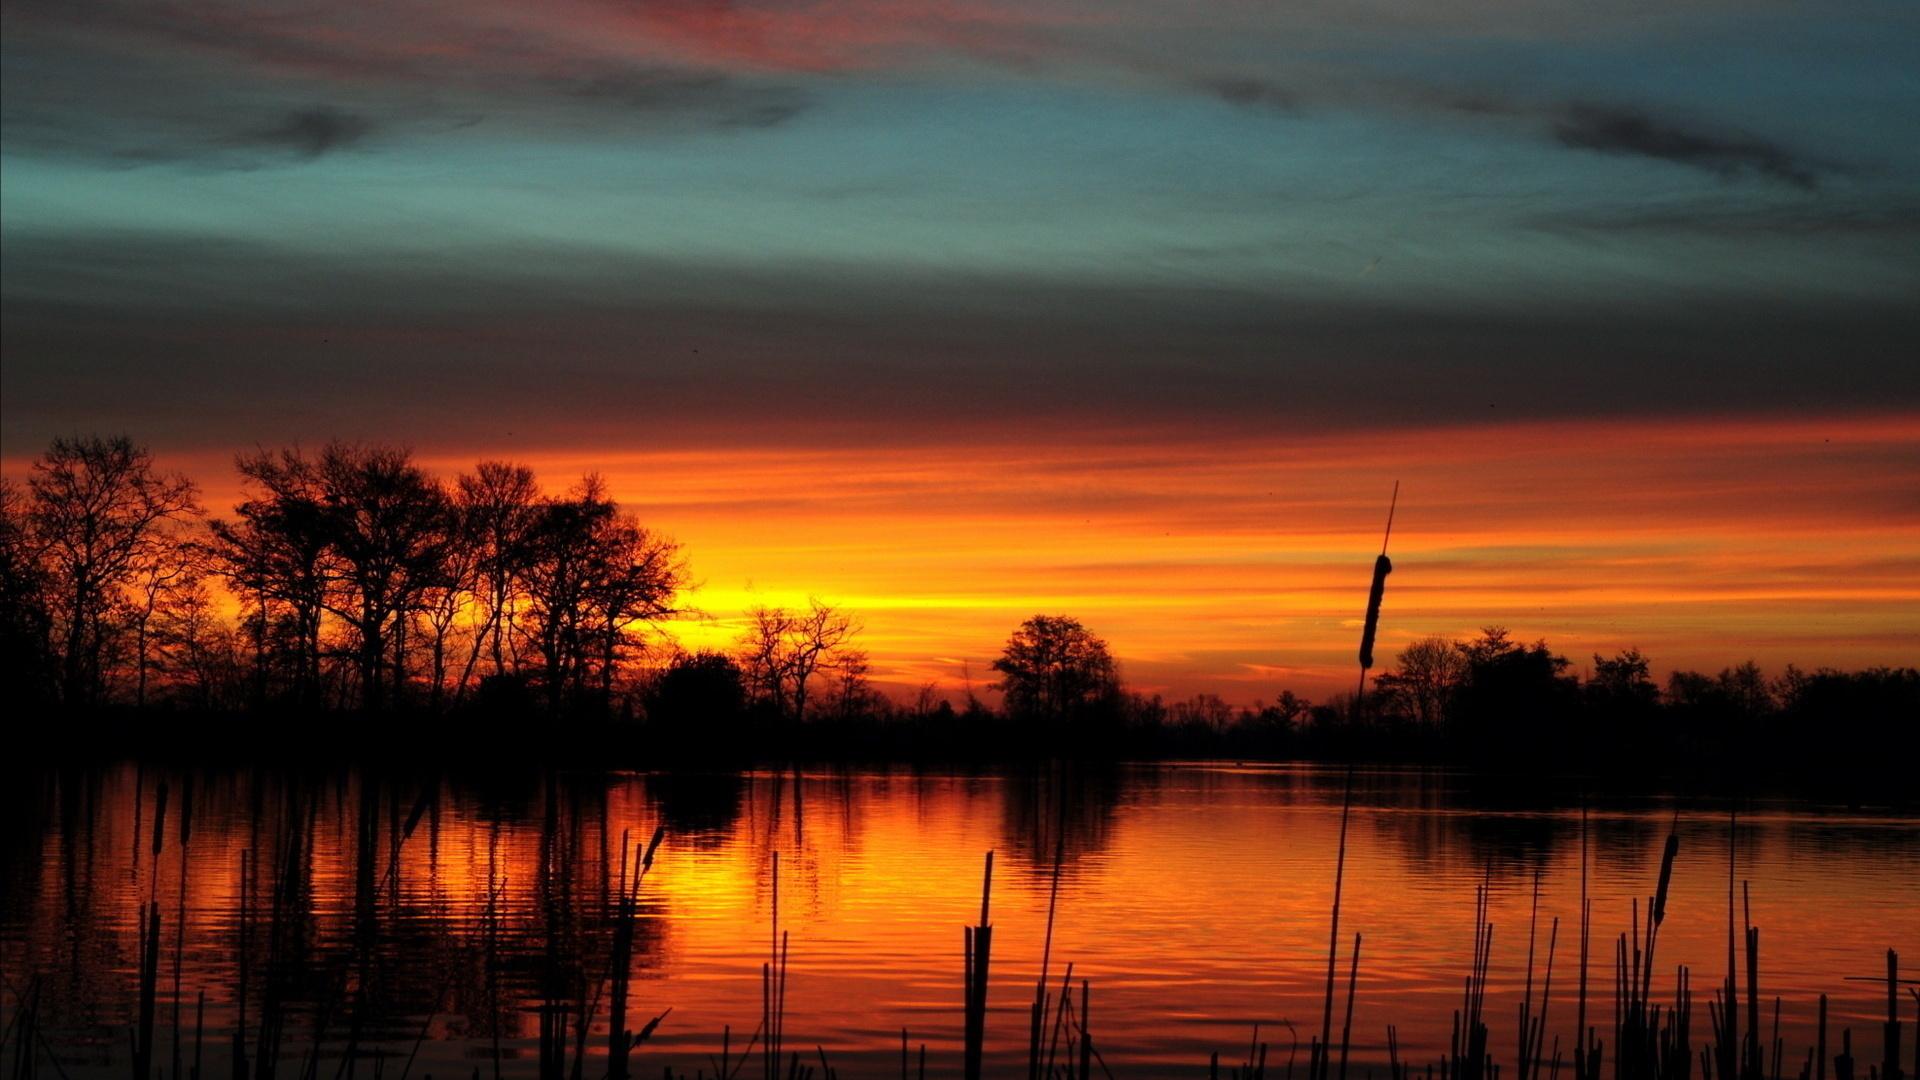 закат озеро небо трава  № 3878821 бесплатно